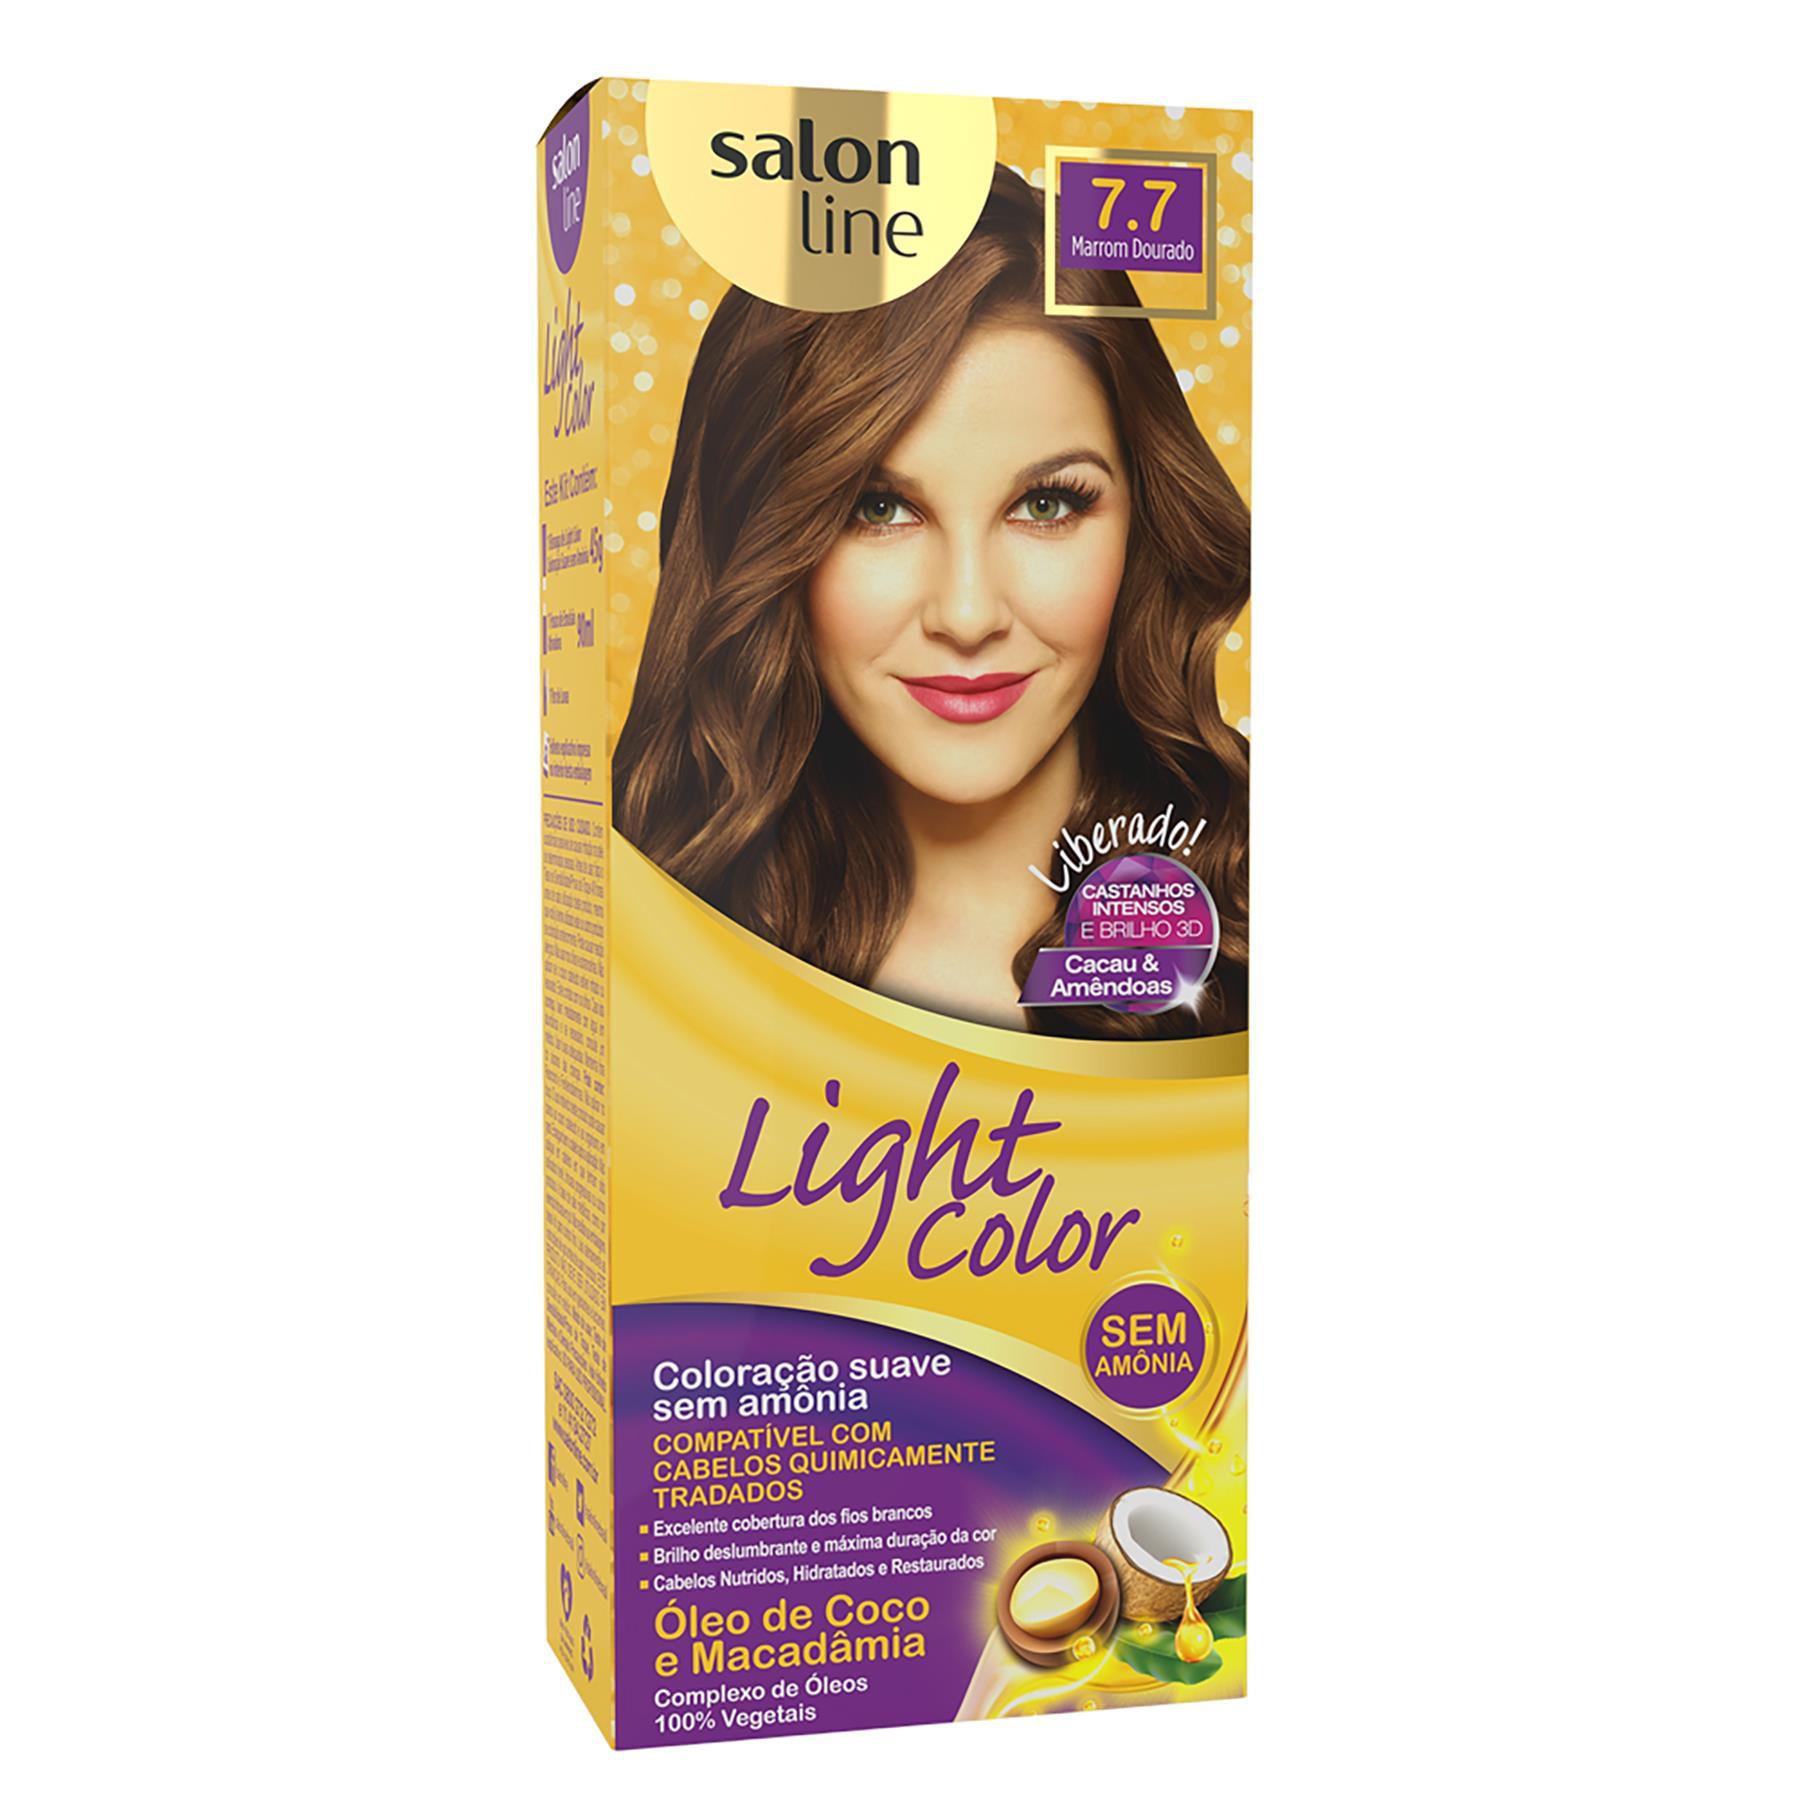 Salon Line Tonalizante Light Color 7.7 Marrom Dourado